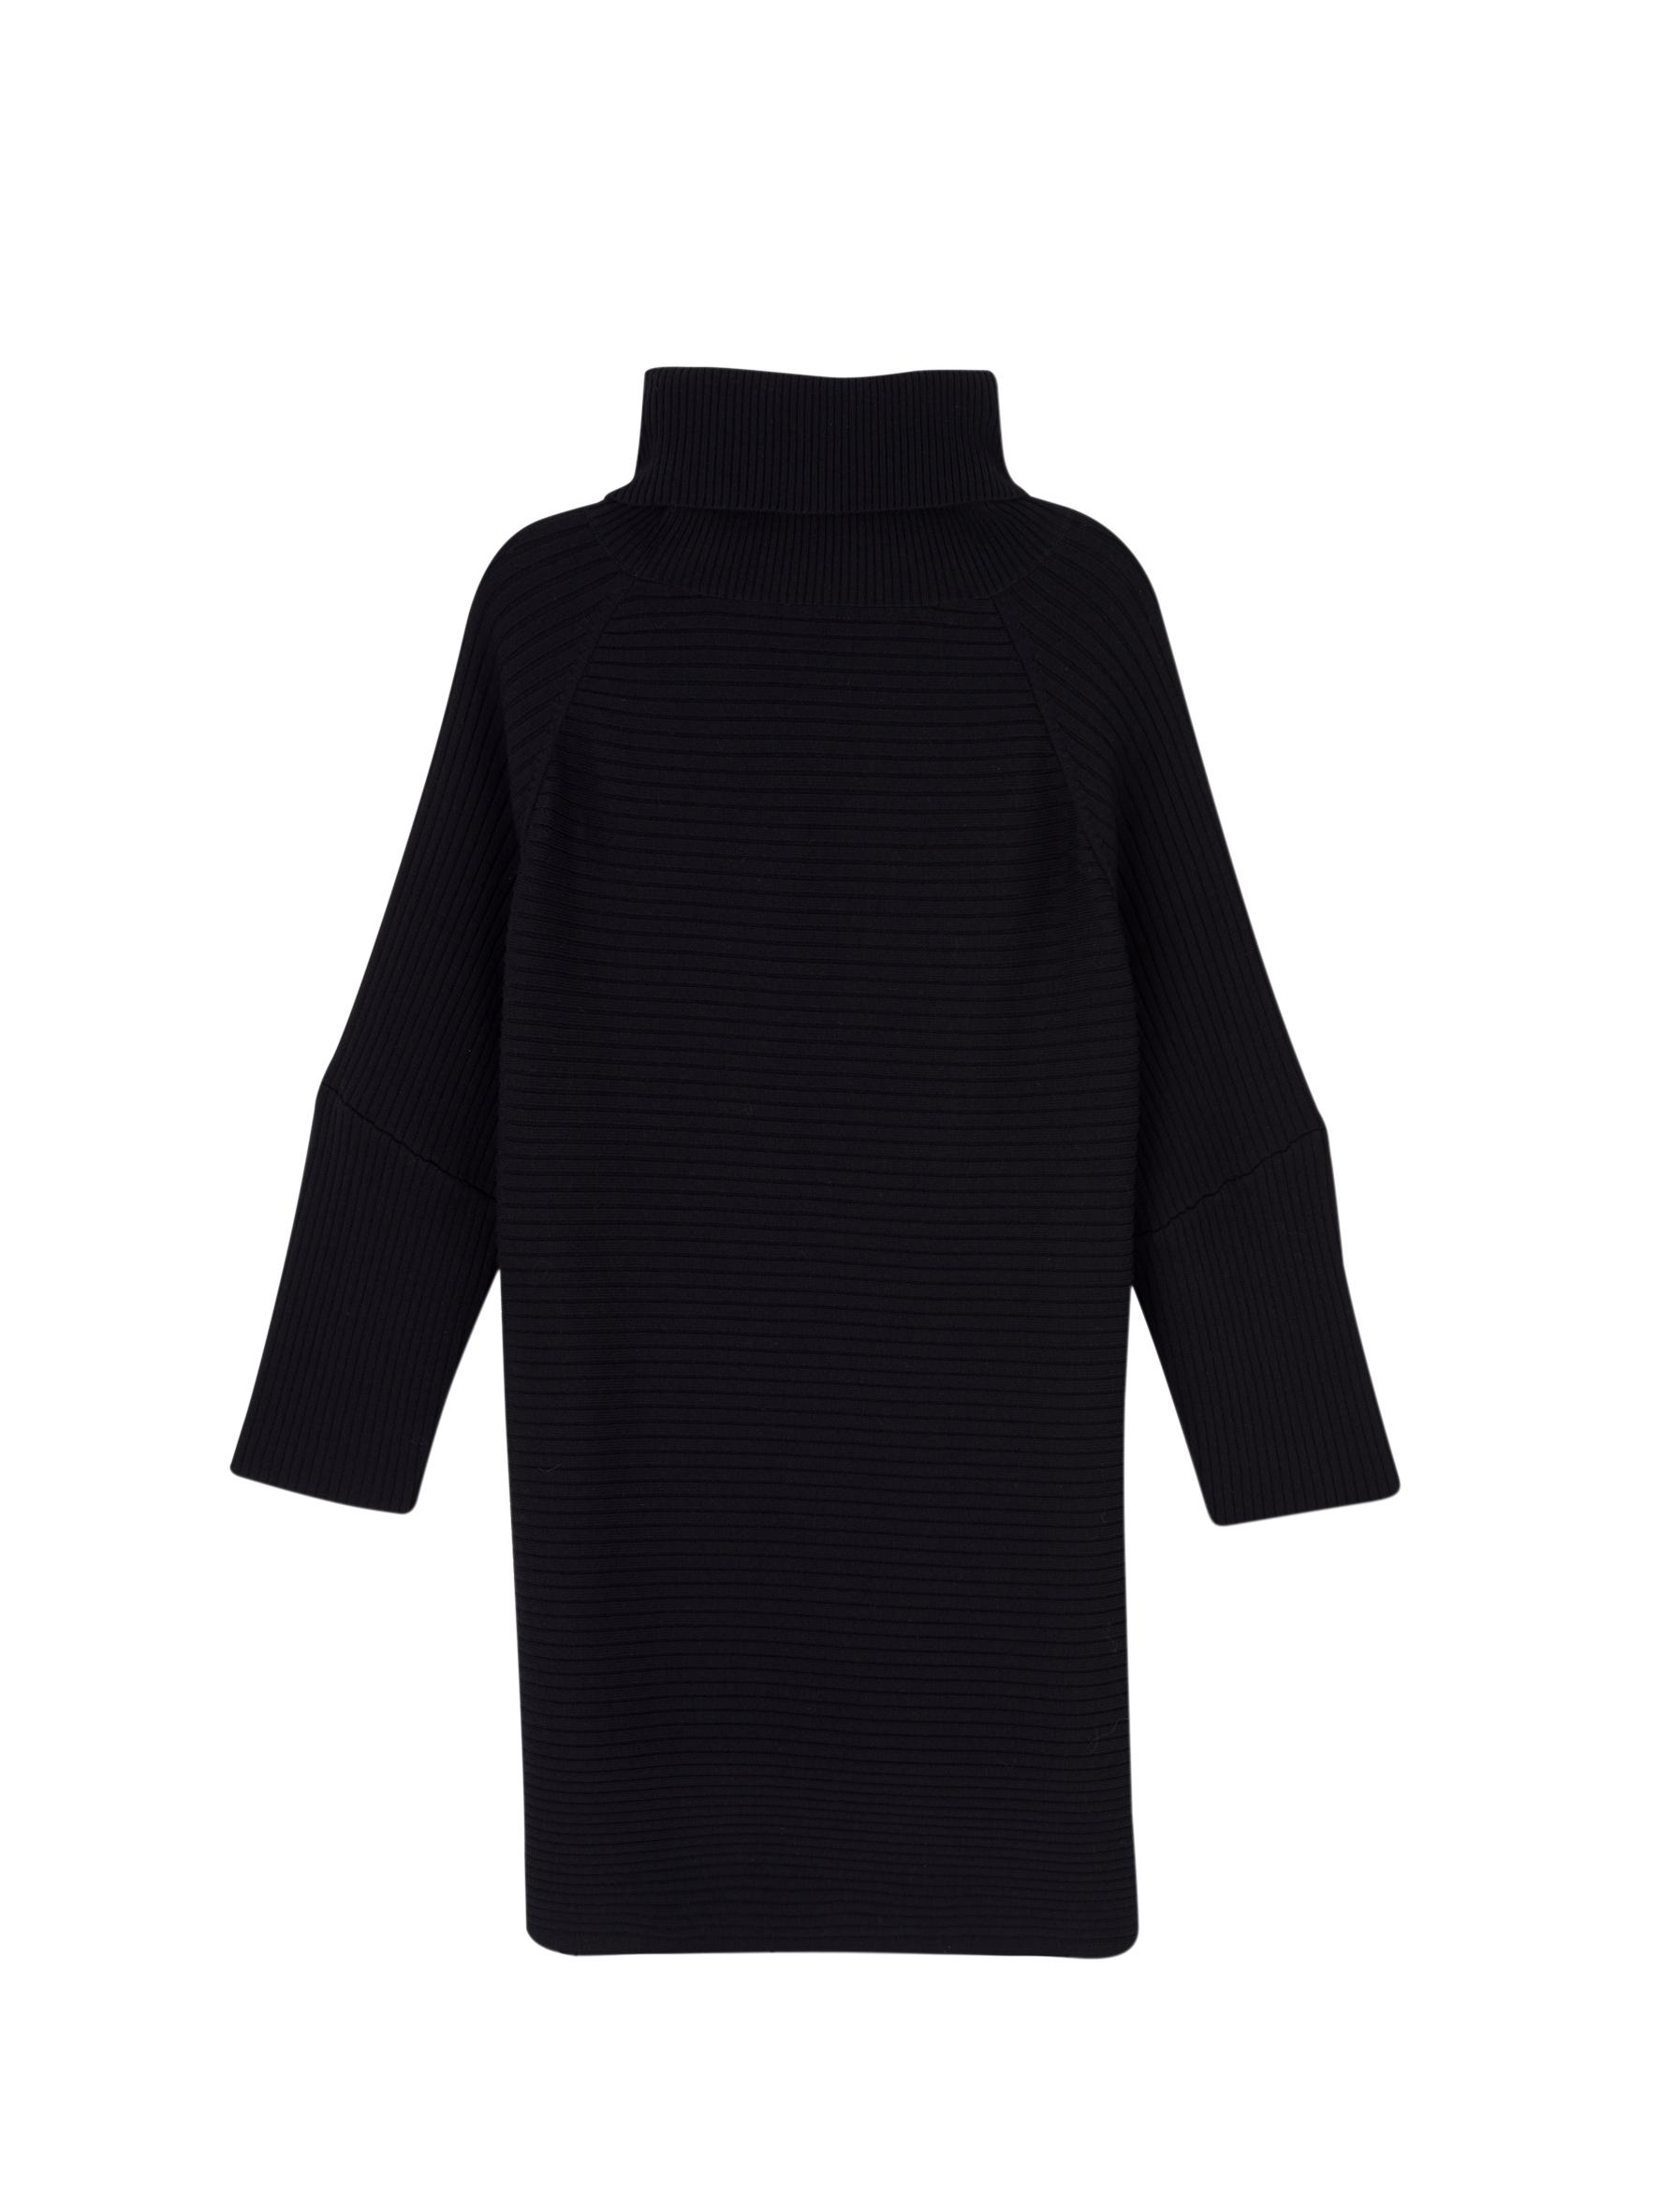 black_knitted_dress_$125.jpg